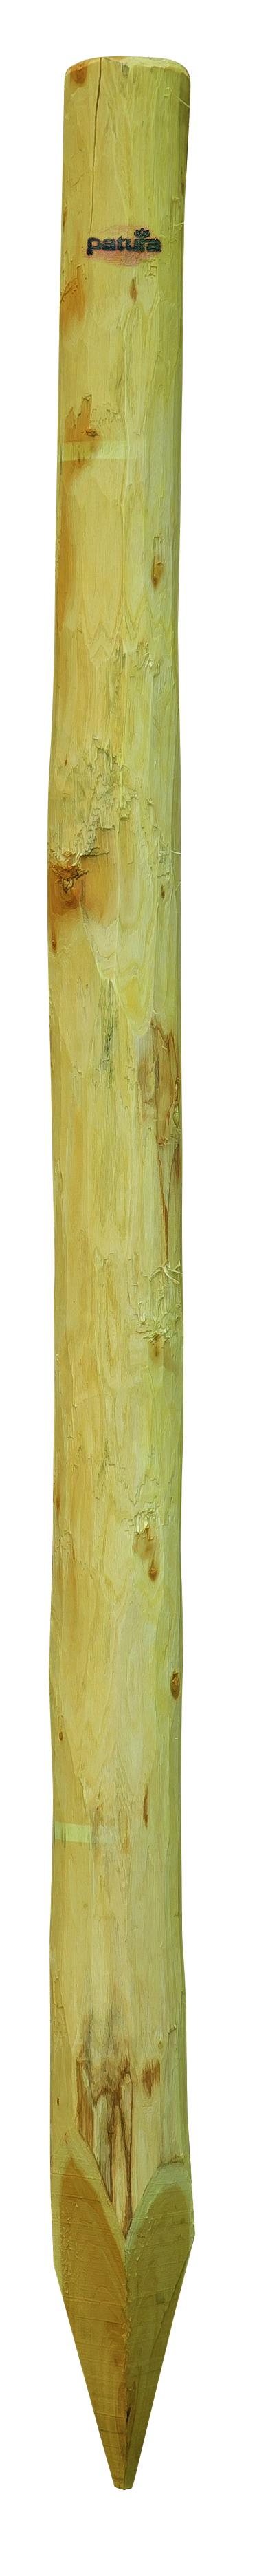 Robinienpfahl, rund, 2.00 m, Ø 10-12 cm